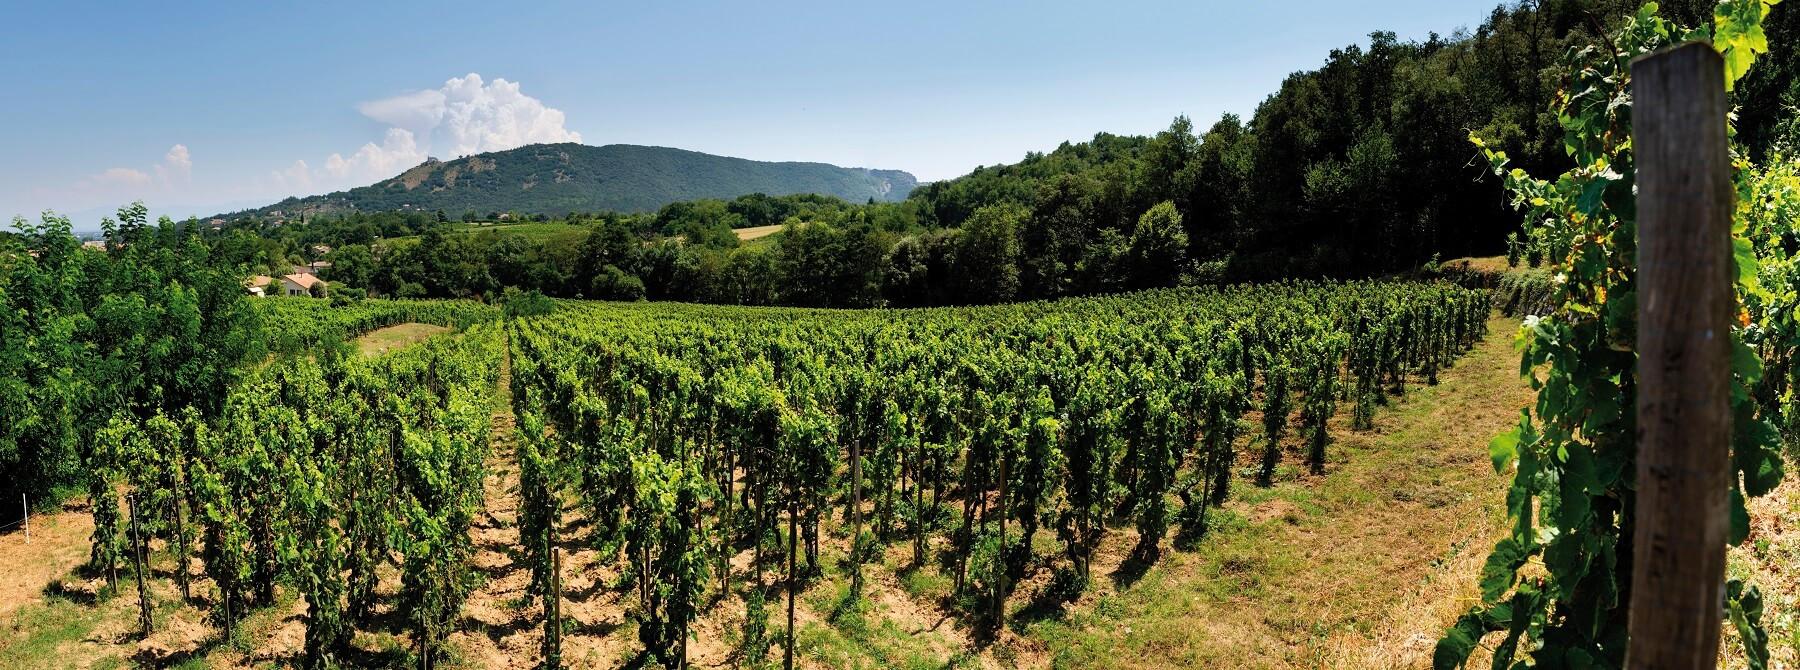 Les Vendanges 2019 En Vallee Du Rhone Un Millesime Hors Du Commun